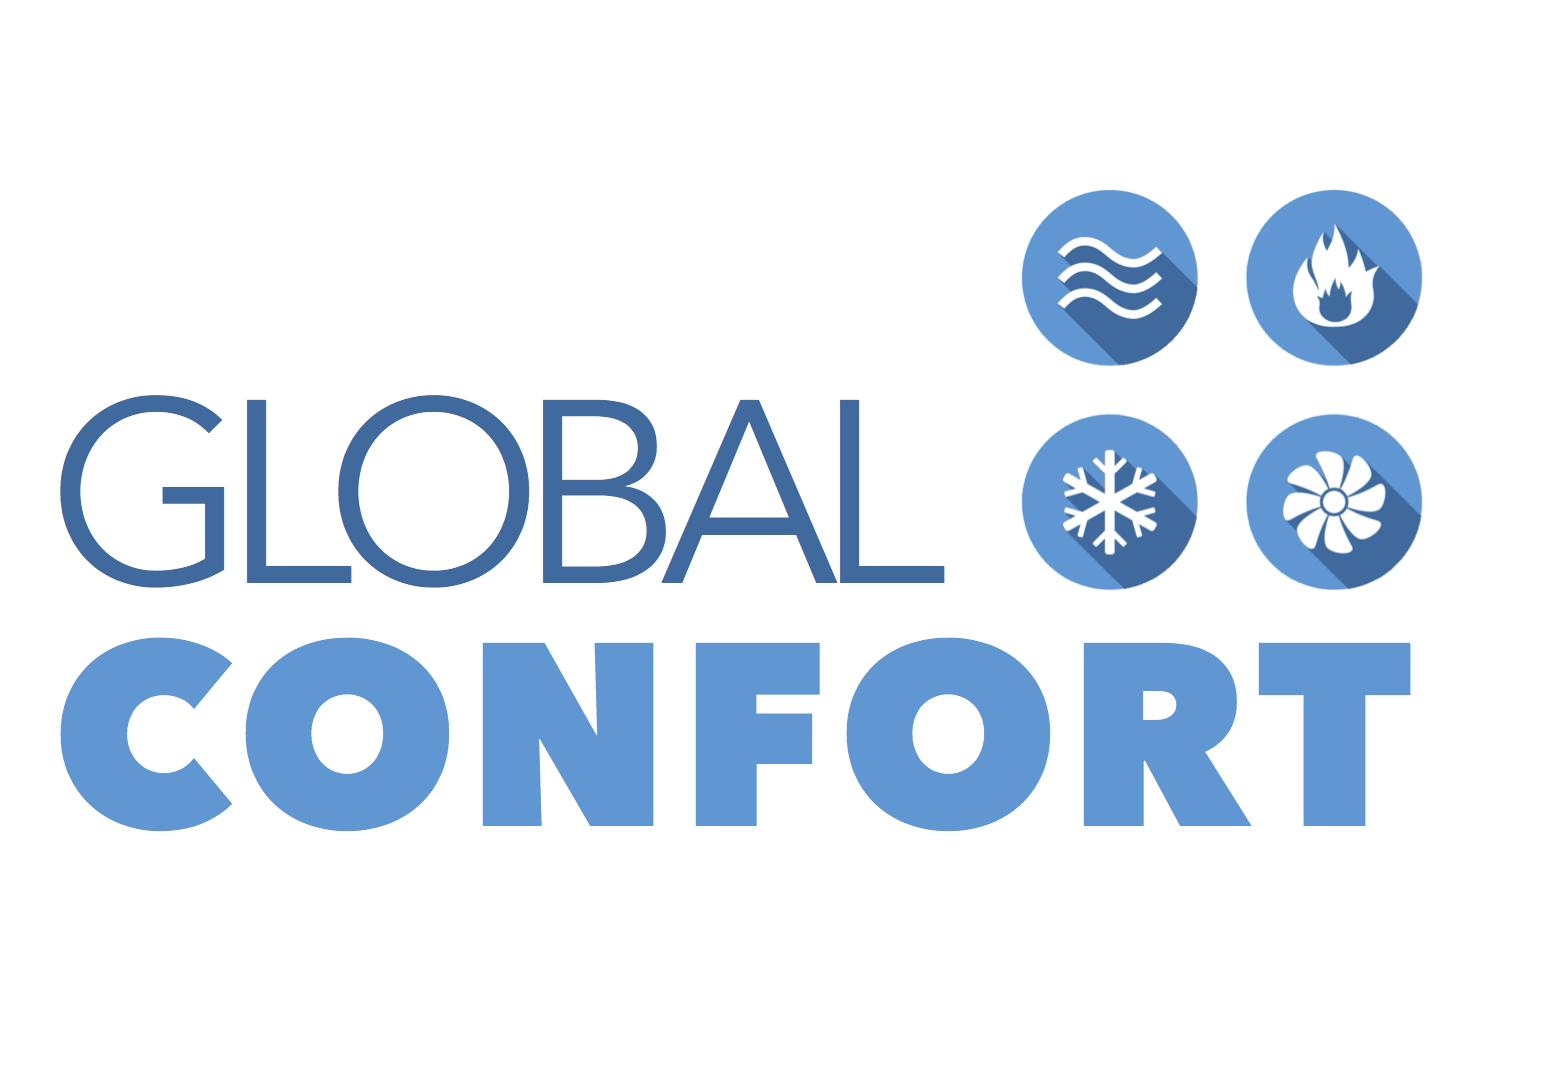 Global Confort